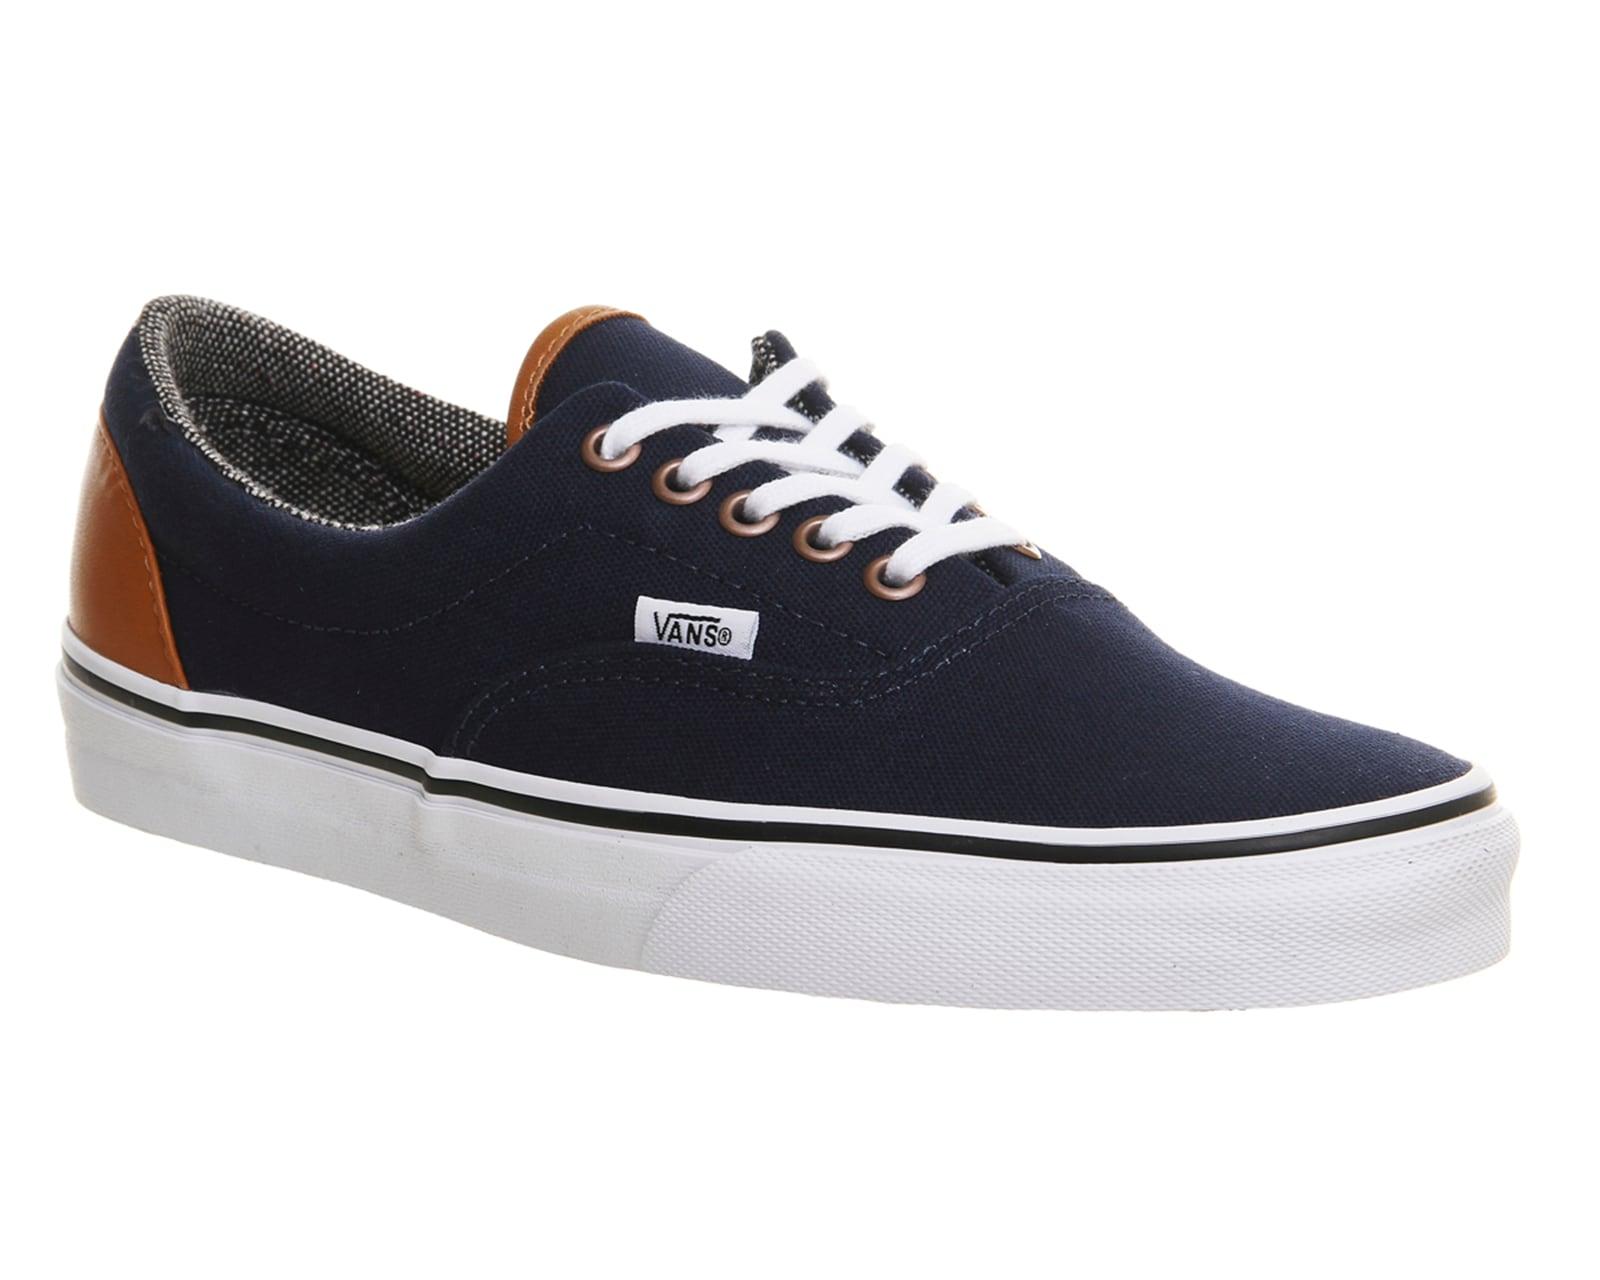 Mens Vans Era DRESS BLUE TWEED Trainers Shoes | EBay